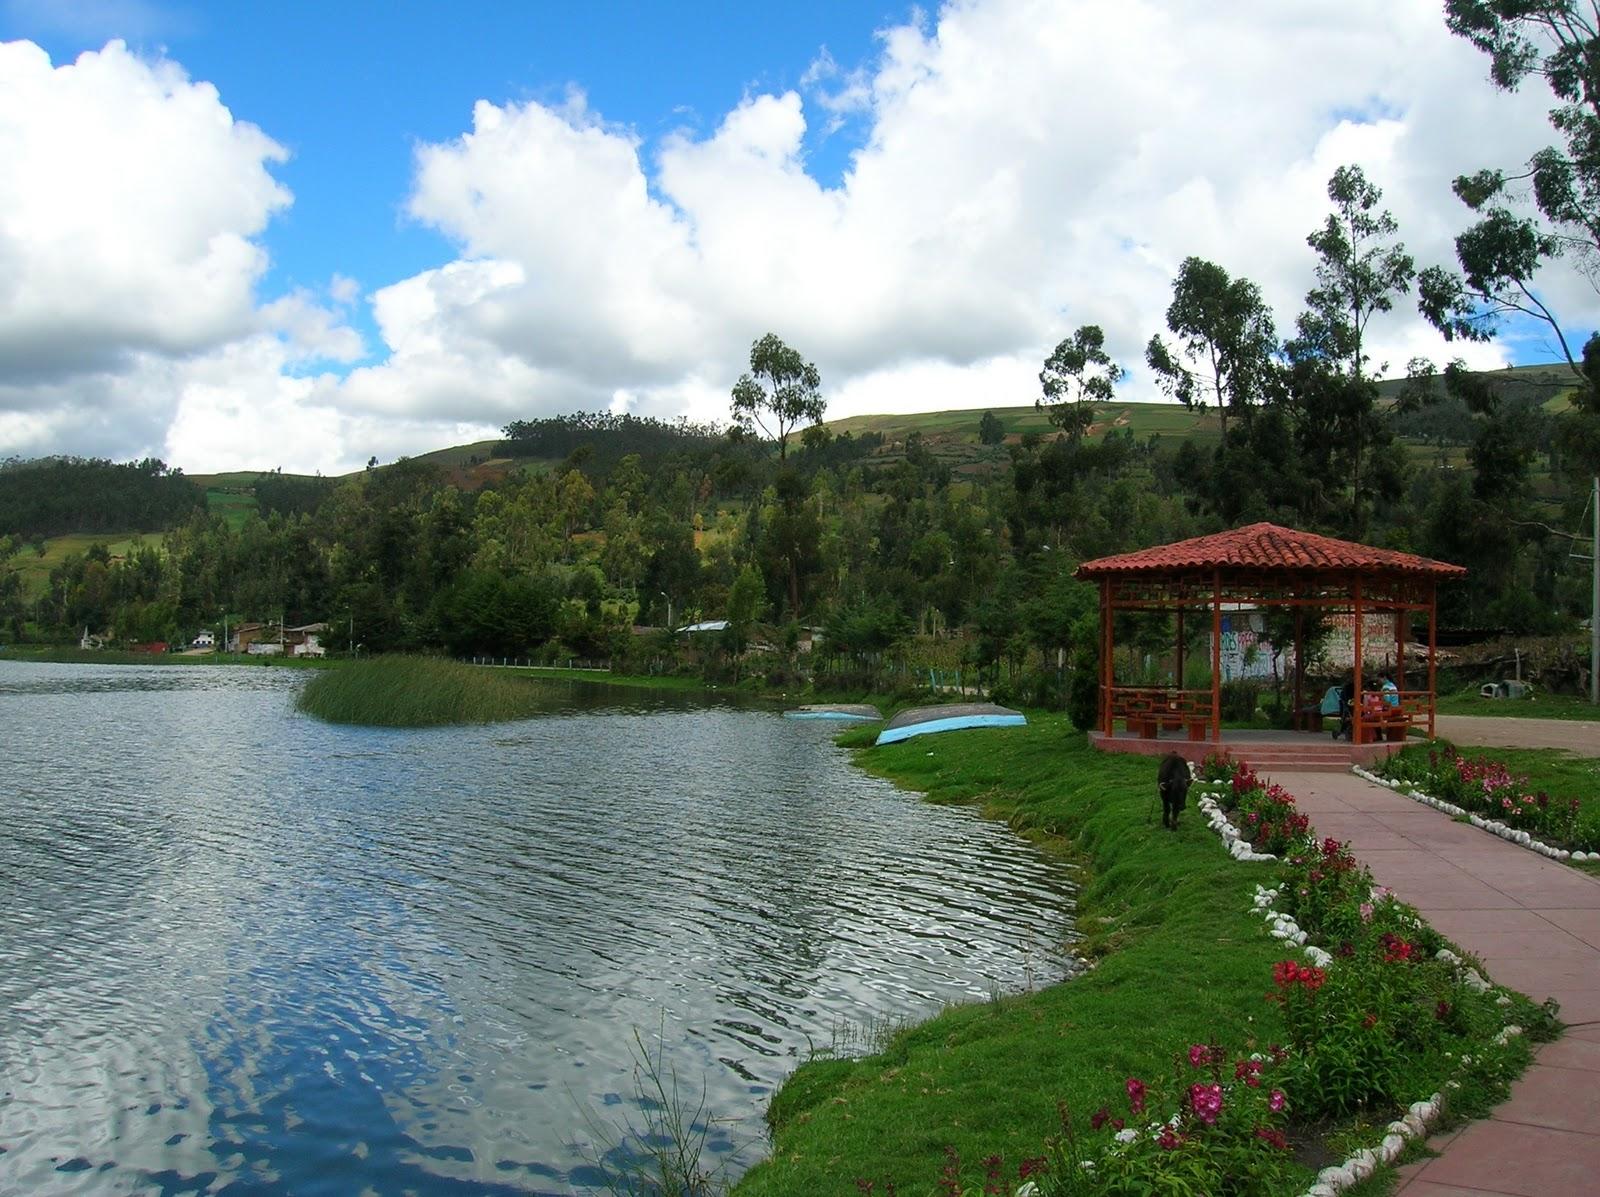 Lo mejor de mi tierra son los bosques de piedra de Llamcama y la laguna de Pacucha